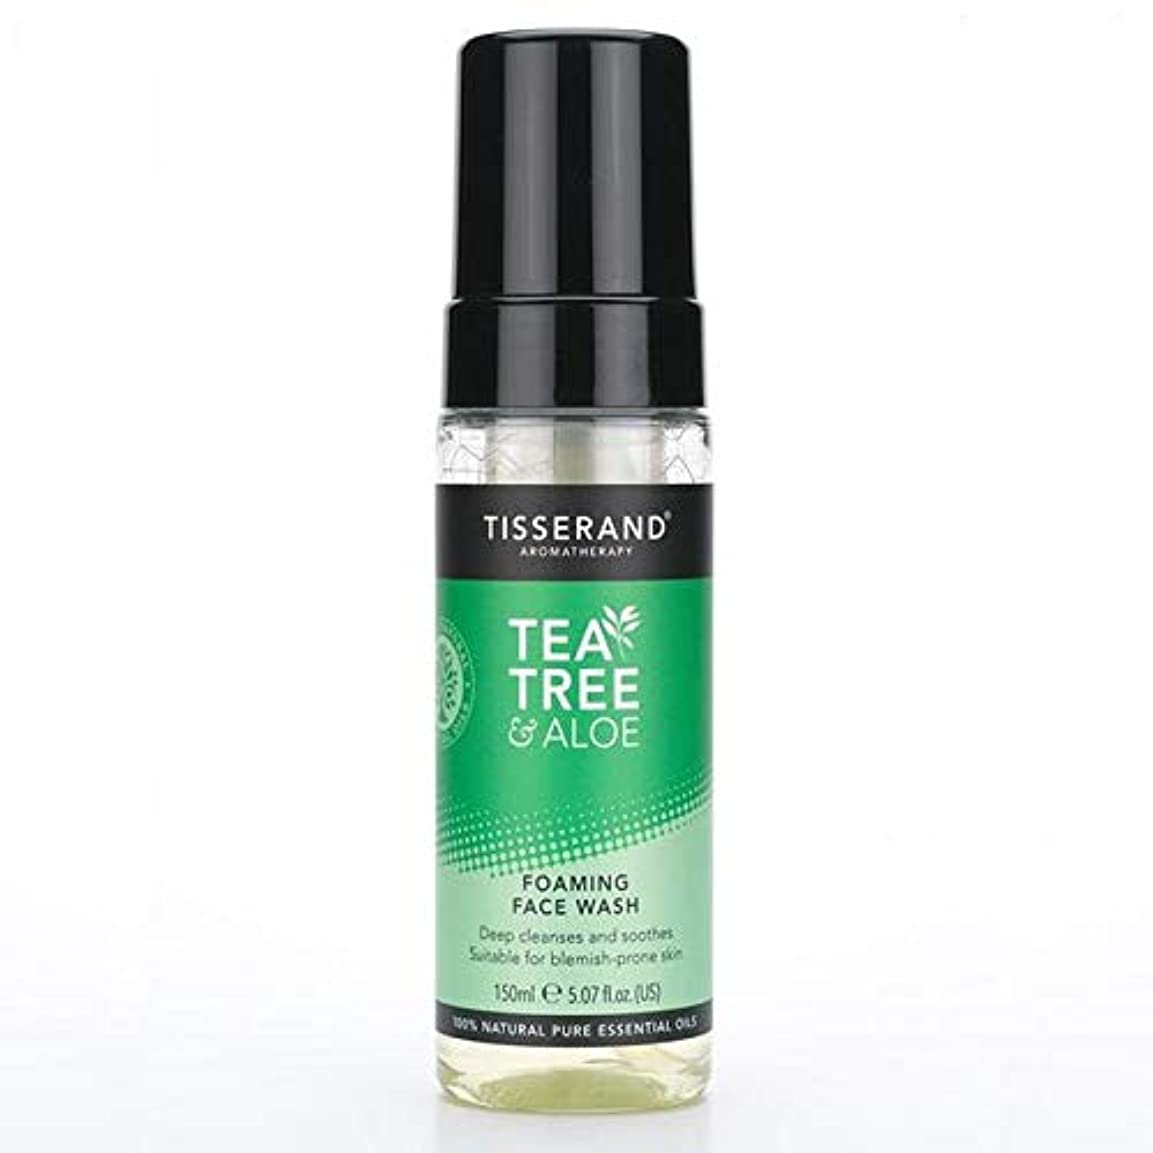 キッチン雑草オーナー[Tisserand] 洗顔料の150ミリリットルを発泡ティスランドティーツリー&アロエ - Tisserand Tea Tree & Aloe Foaming Face Wash 150ml [並行輸入品]